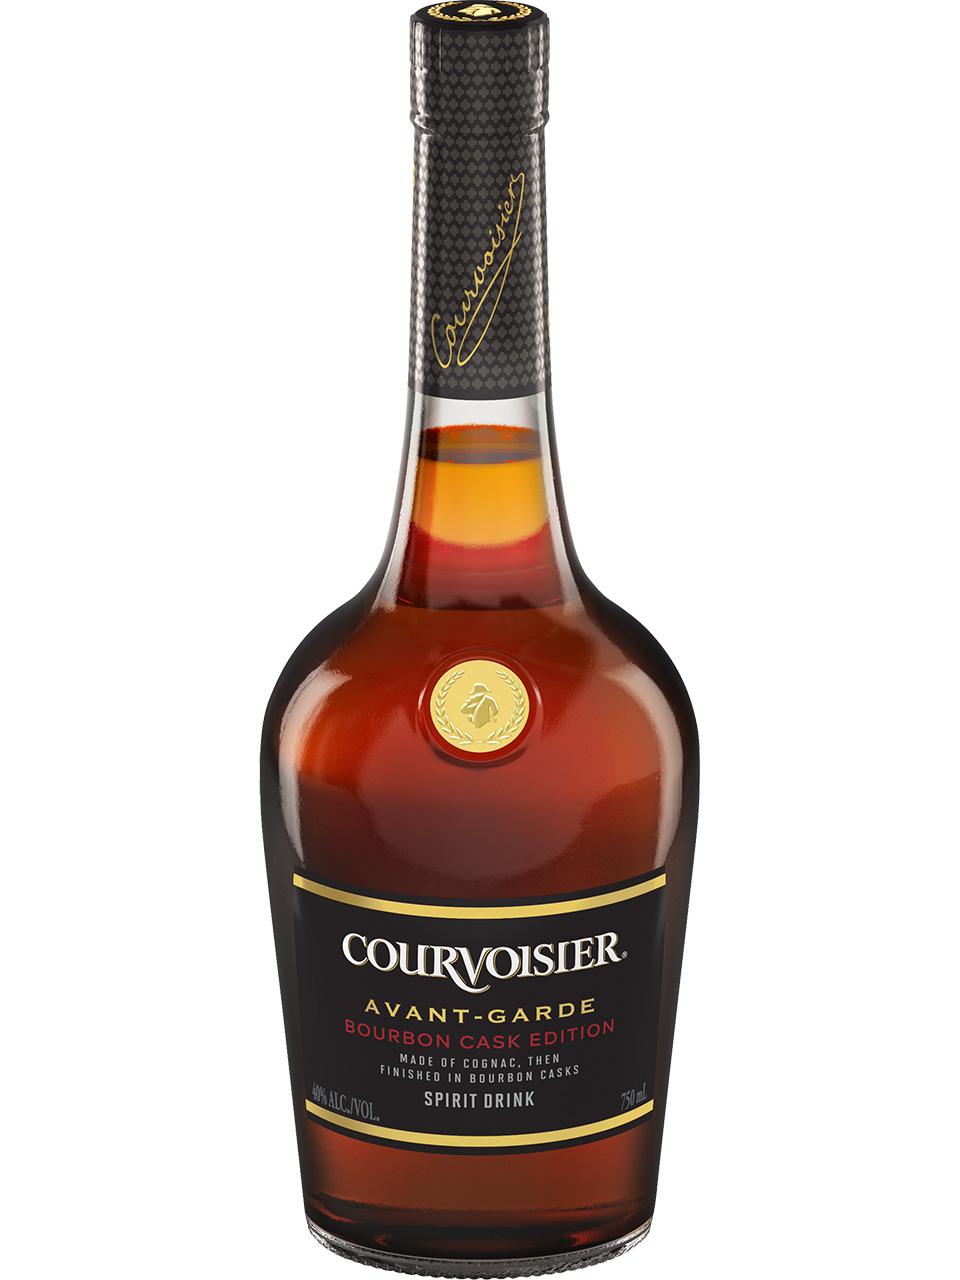 Courvoisier Avant-Garde Bourbon Cask Ed. Cognac